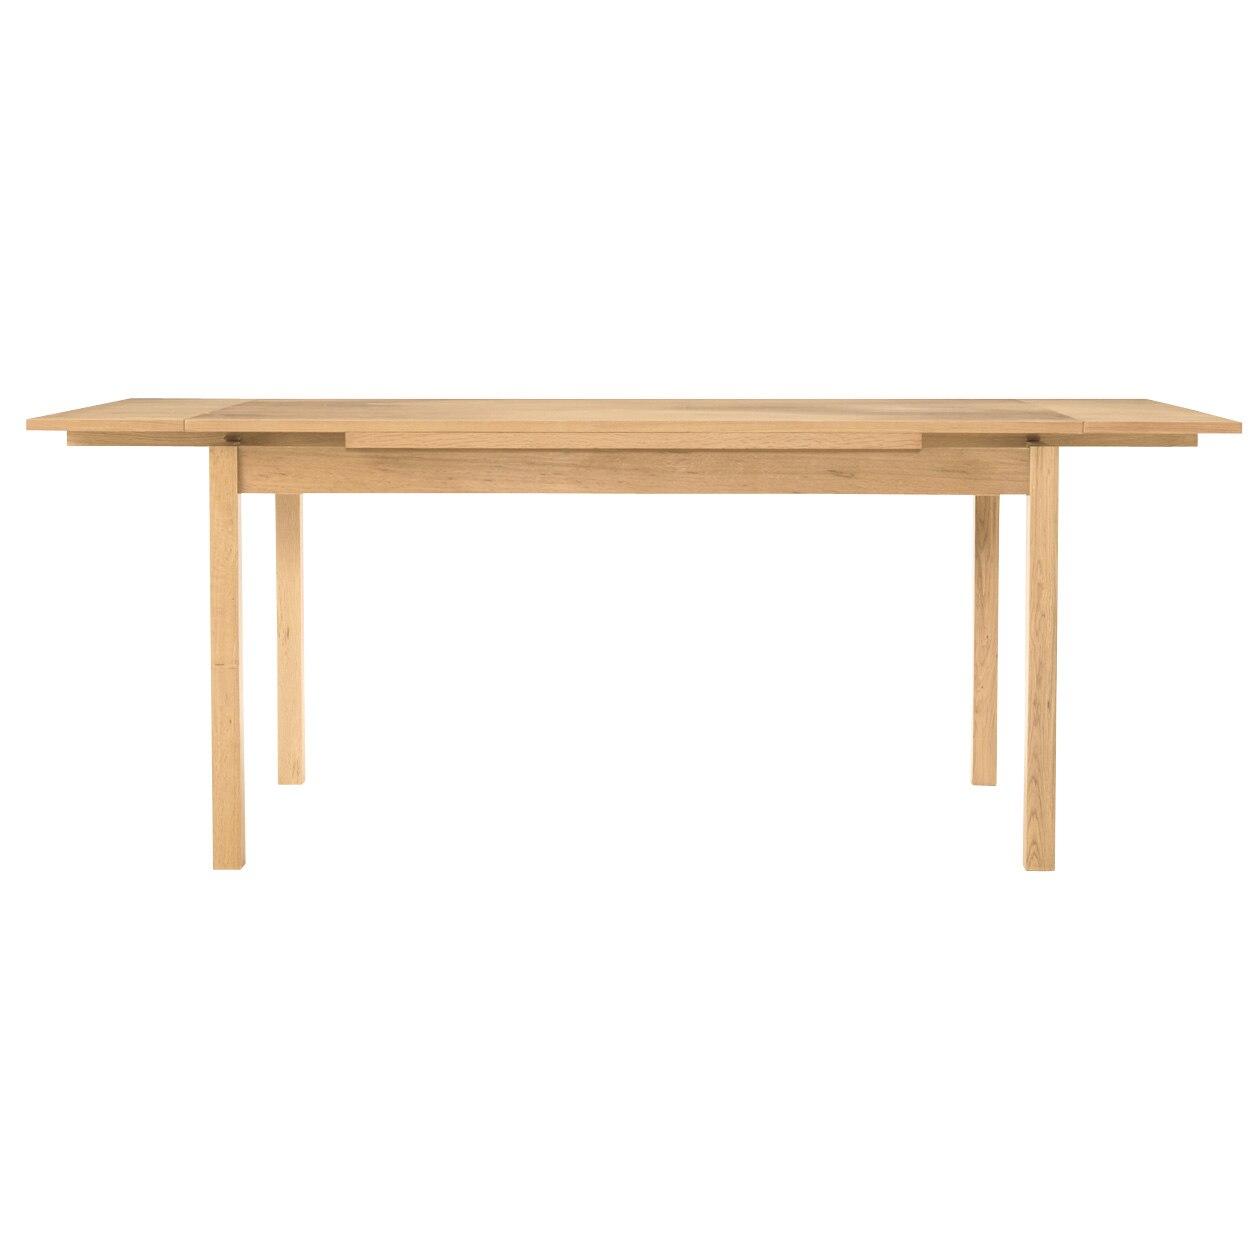 無印良品 MUJI 折りたたみテーブル 幅160cm オーク材 ♪